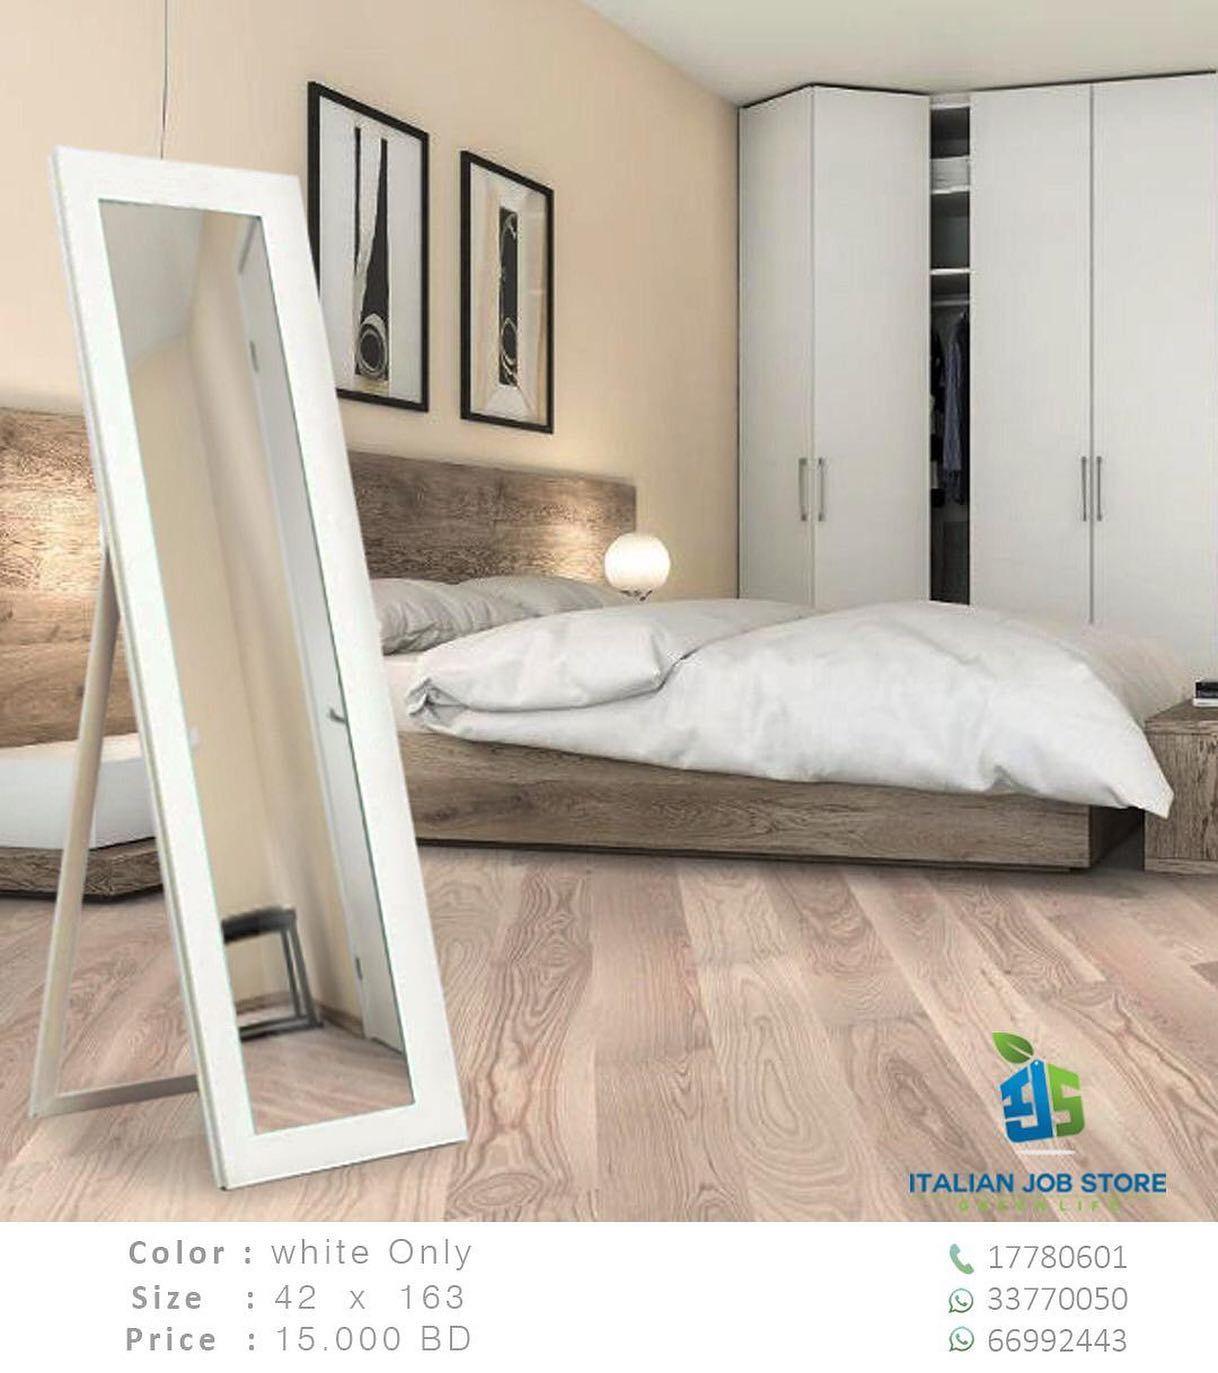 Pin By O Uuo O C O Uuo O On بيتنا الجديد Furniture Decor Home Decor